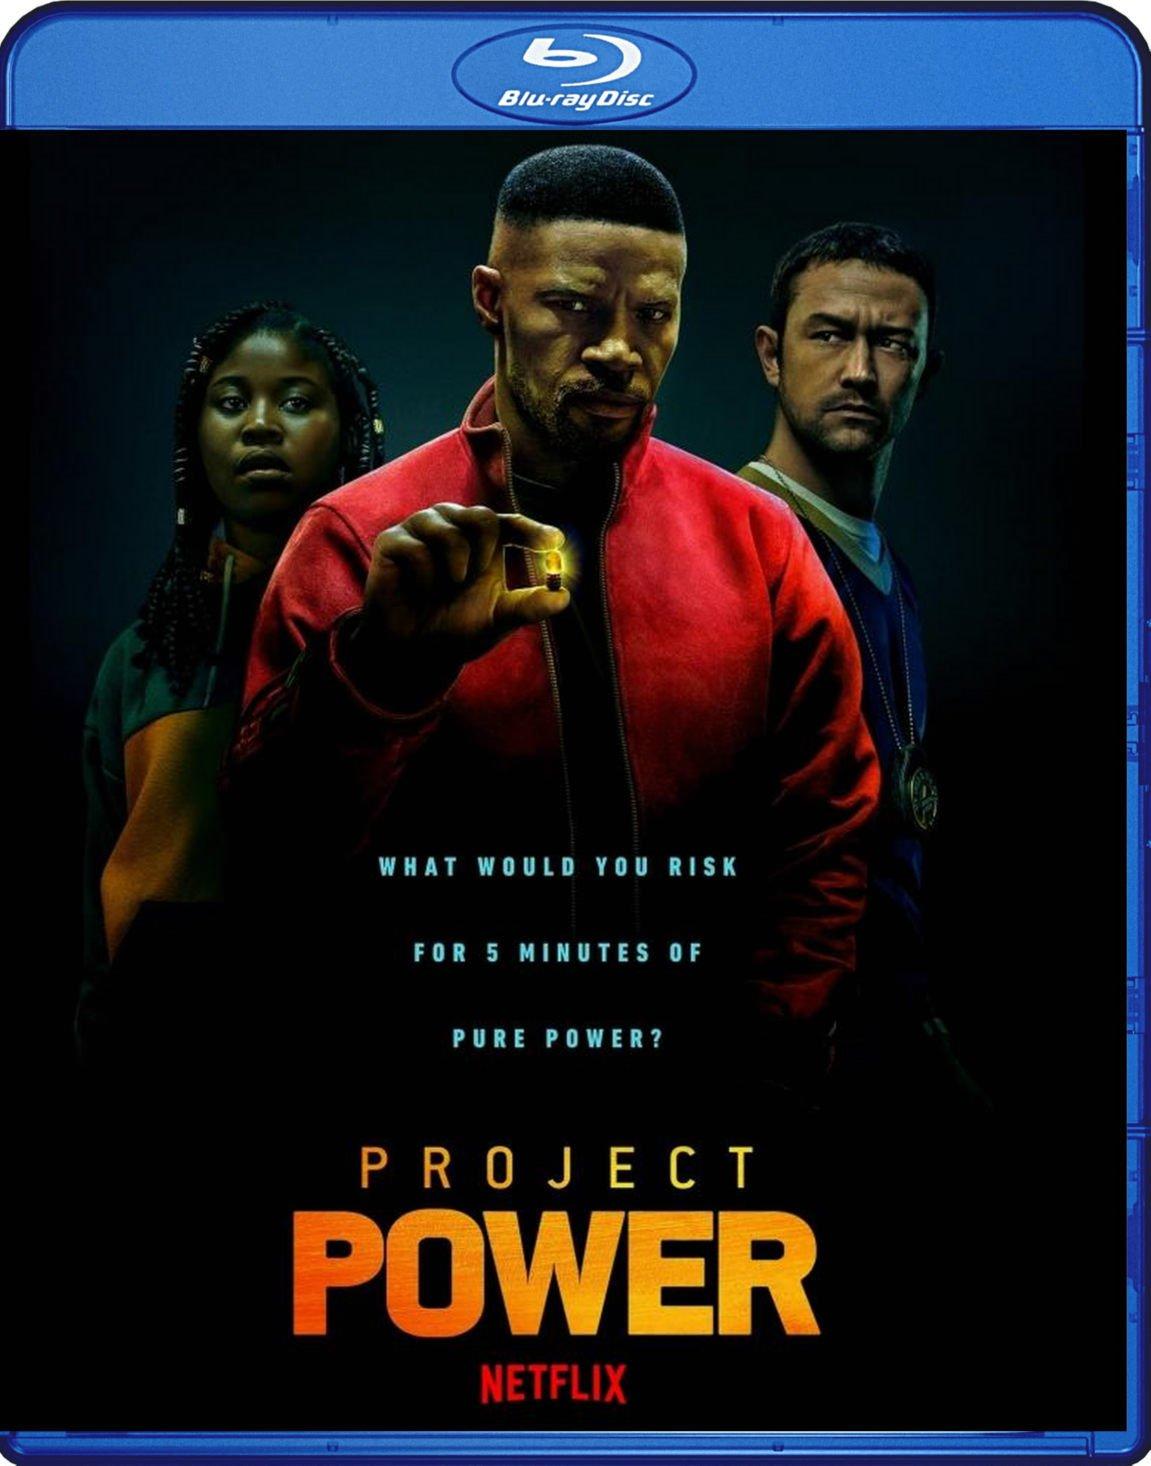 Project Power Blu-Ray Netflix